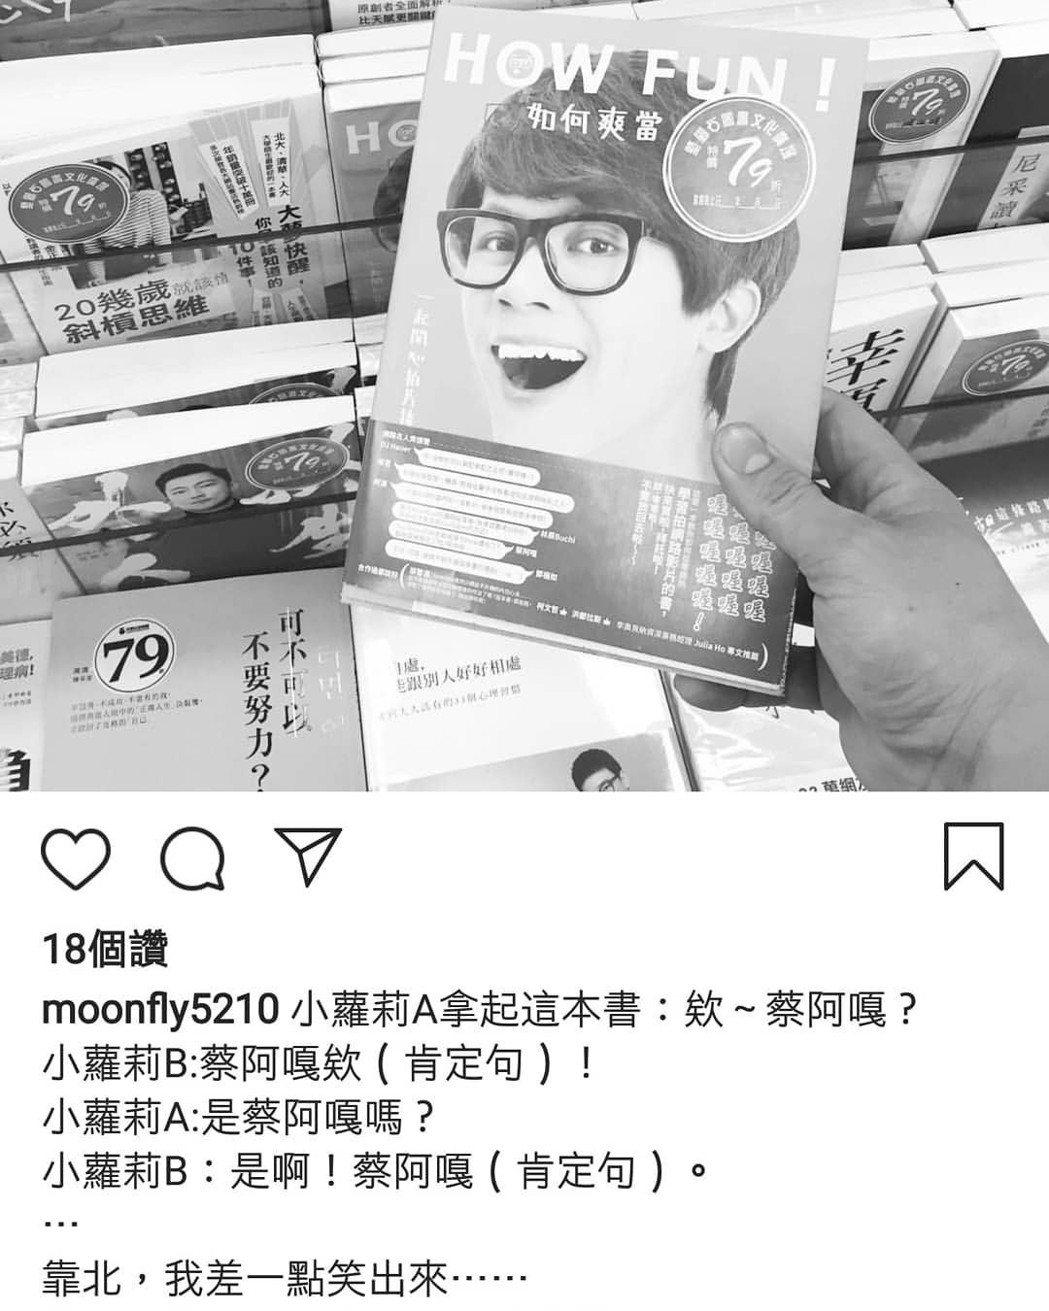 網友公開HowHow新書封面被誤認是蔡阿嘎的趣事。 圖/擷自蔡阿嘎IG